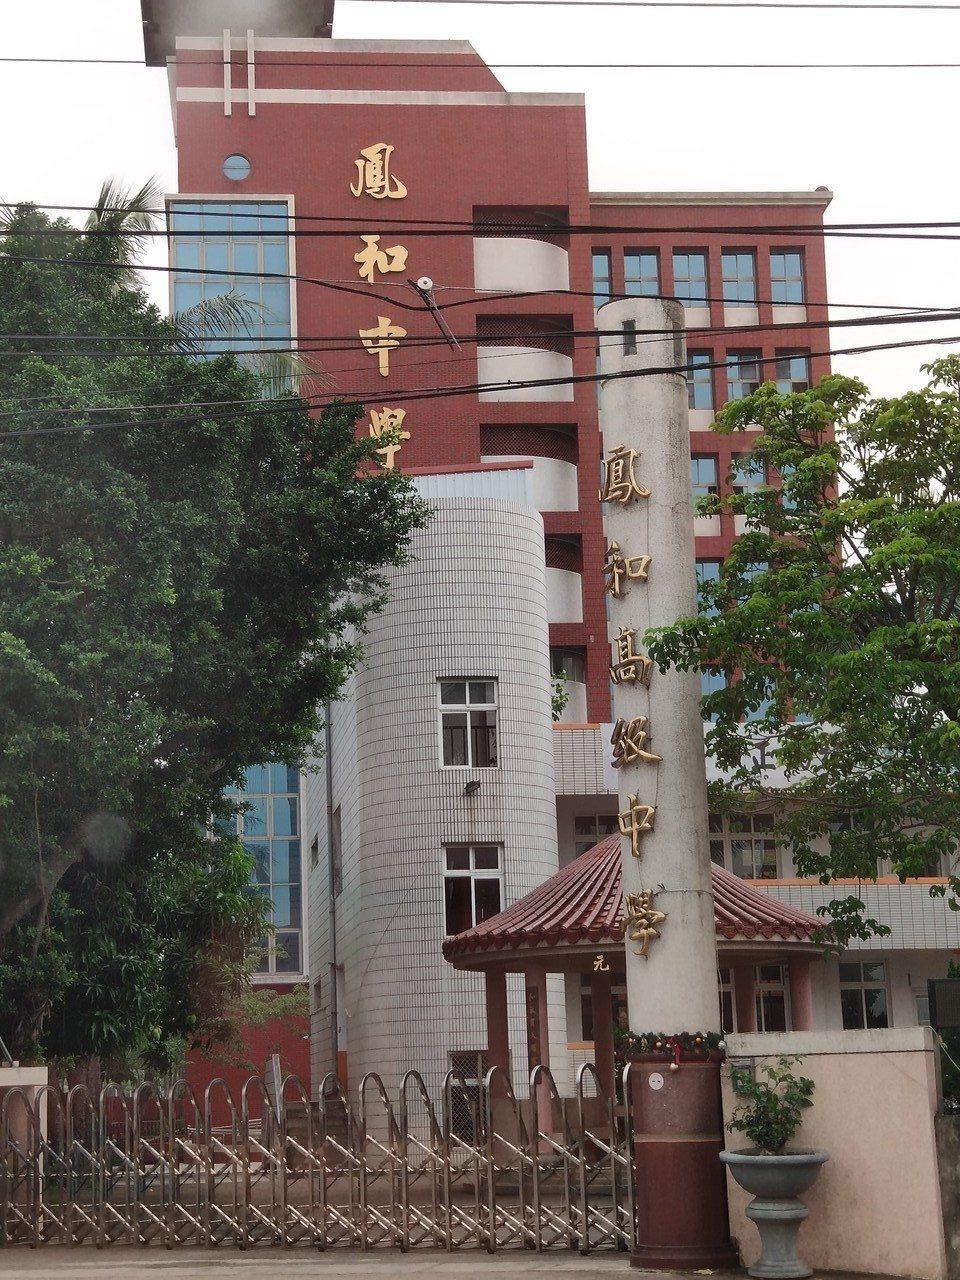 私校寒冬 台南鳳和高中國中部確定停招